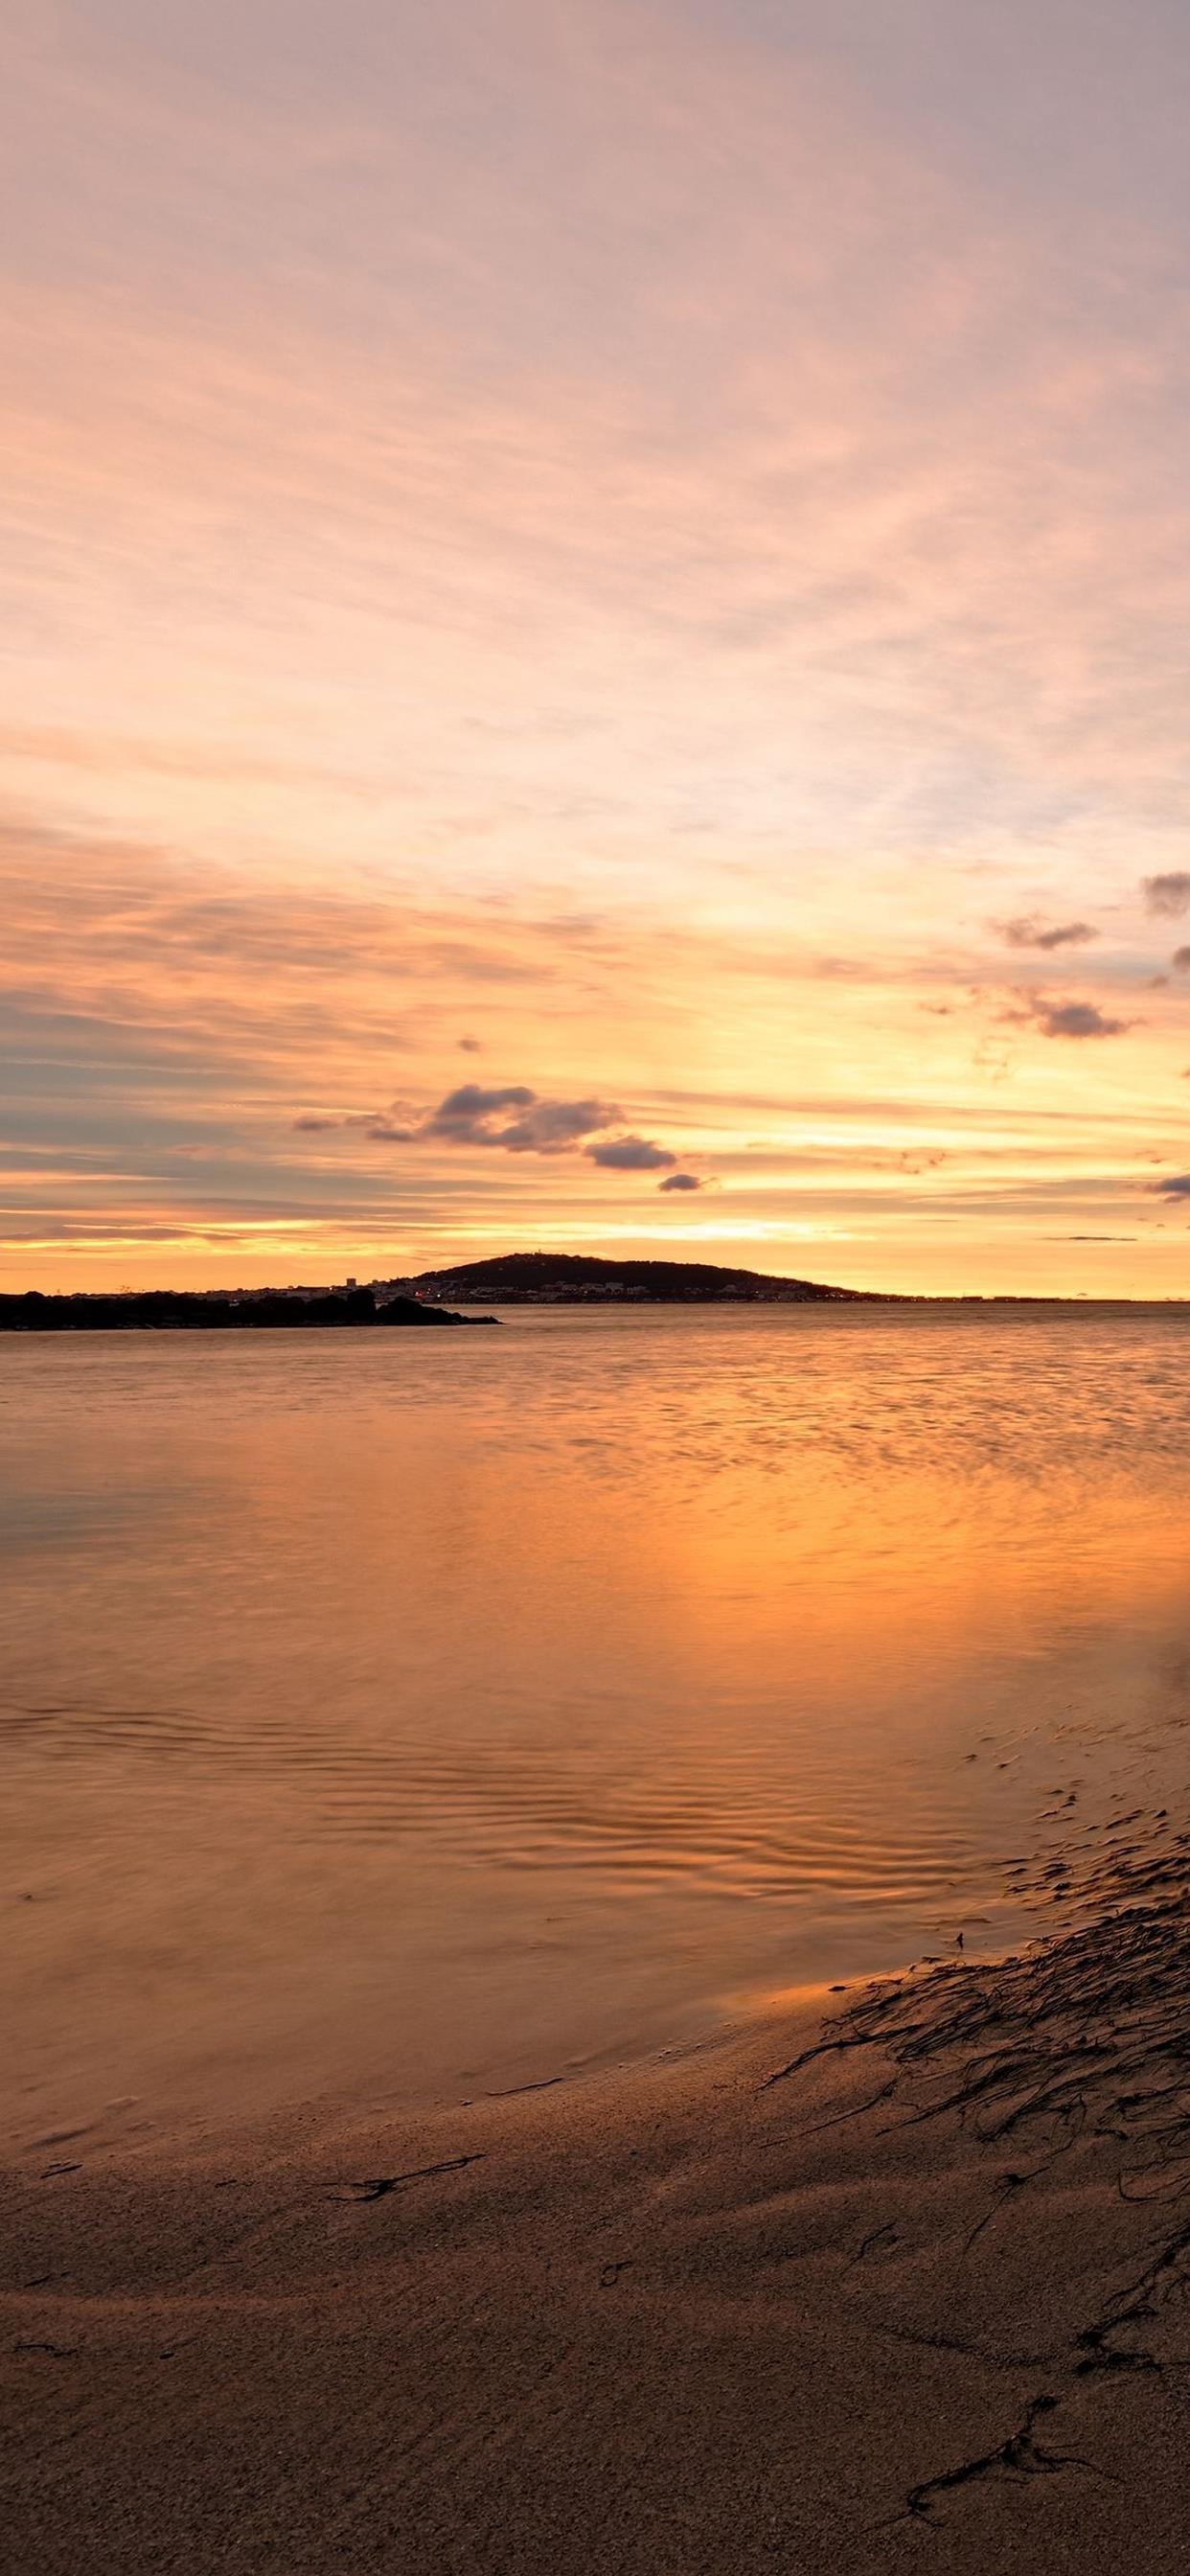 自然风景高清图片手机壁纸 大海的感觉真好!